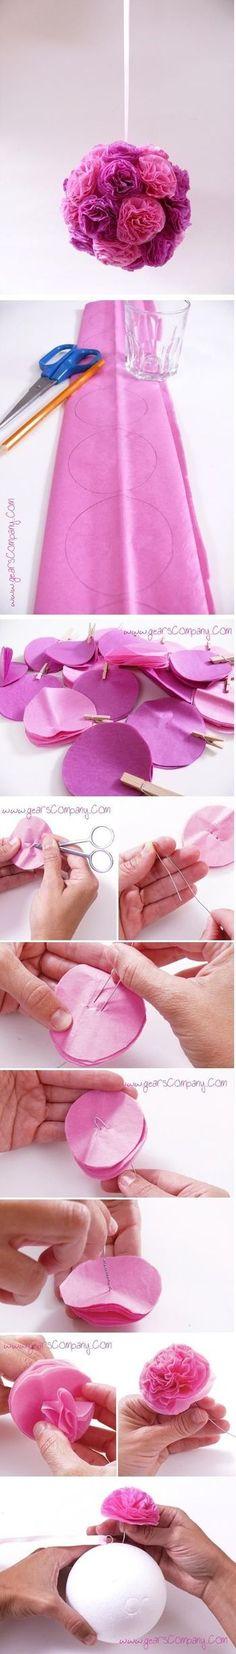 こちらは、ペーパーフラワーボールの作り方。発泡スチロールのボールに複数の花を取り付けられるように、ペーパーフラワー用の紙をコンパクトに丸く切っていきます。5枚ぐらい重ねて、真ん中を鉄の金具で留めましょう。ない場合は、クリップを分解して活用してみると良いでしょう。 後は、ボールが埋まるくらい花を作っていくだけ。